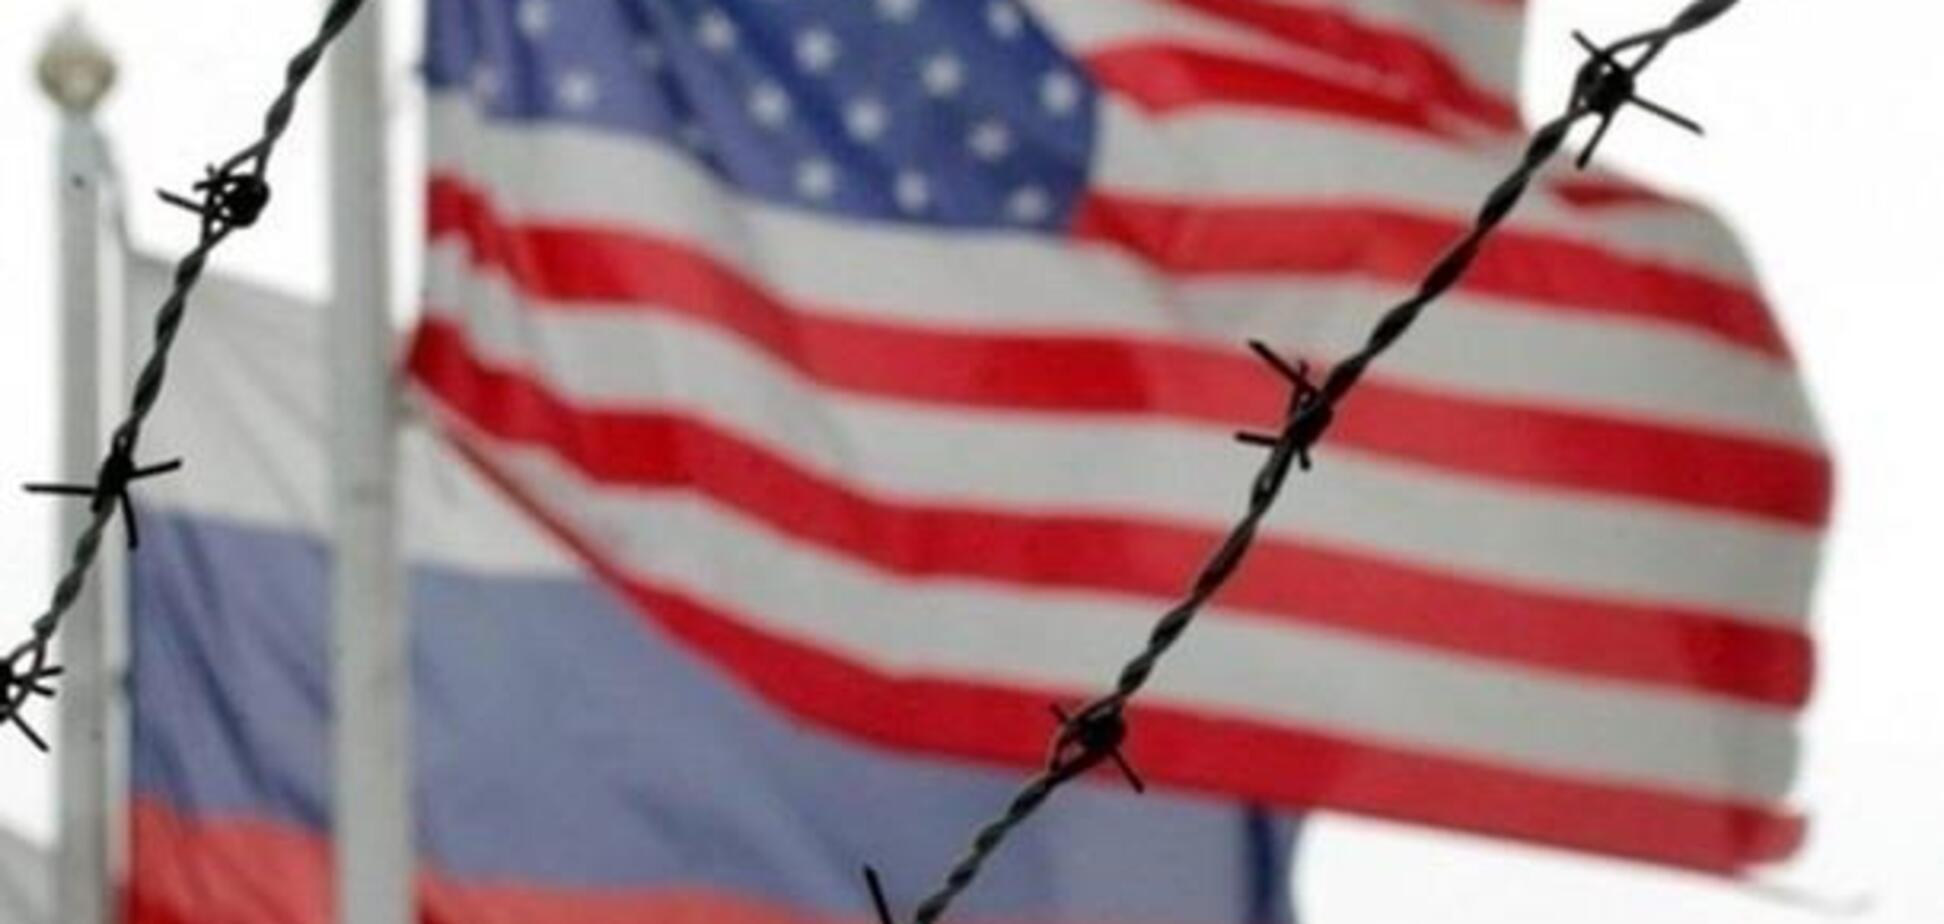 Санкции снимут через год: США выдвинули России три условия по химоружию